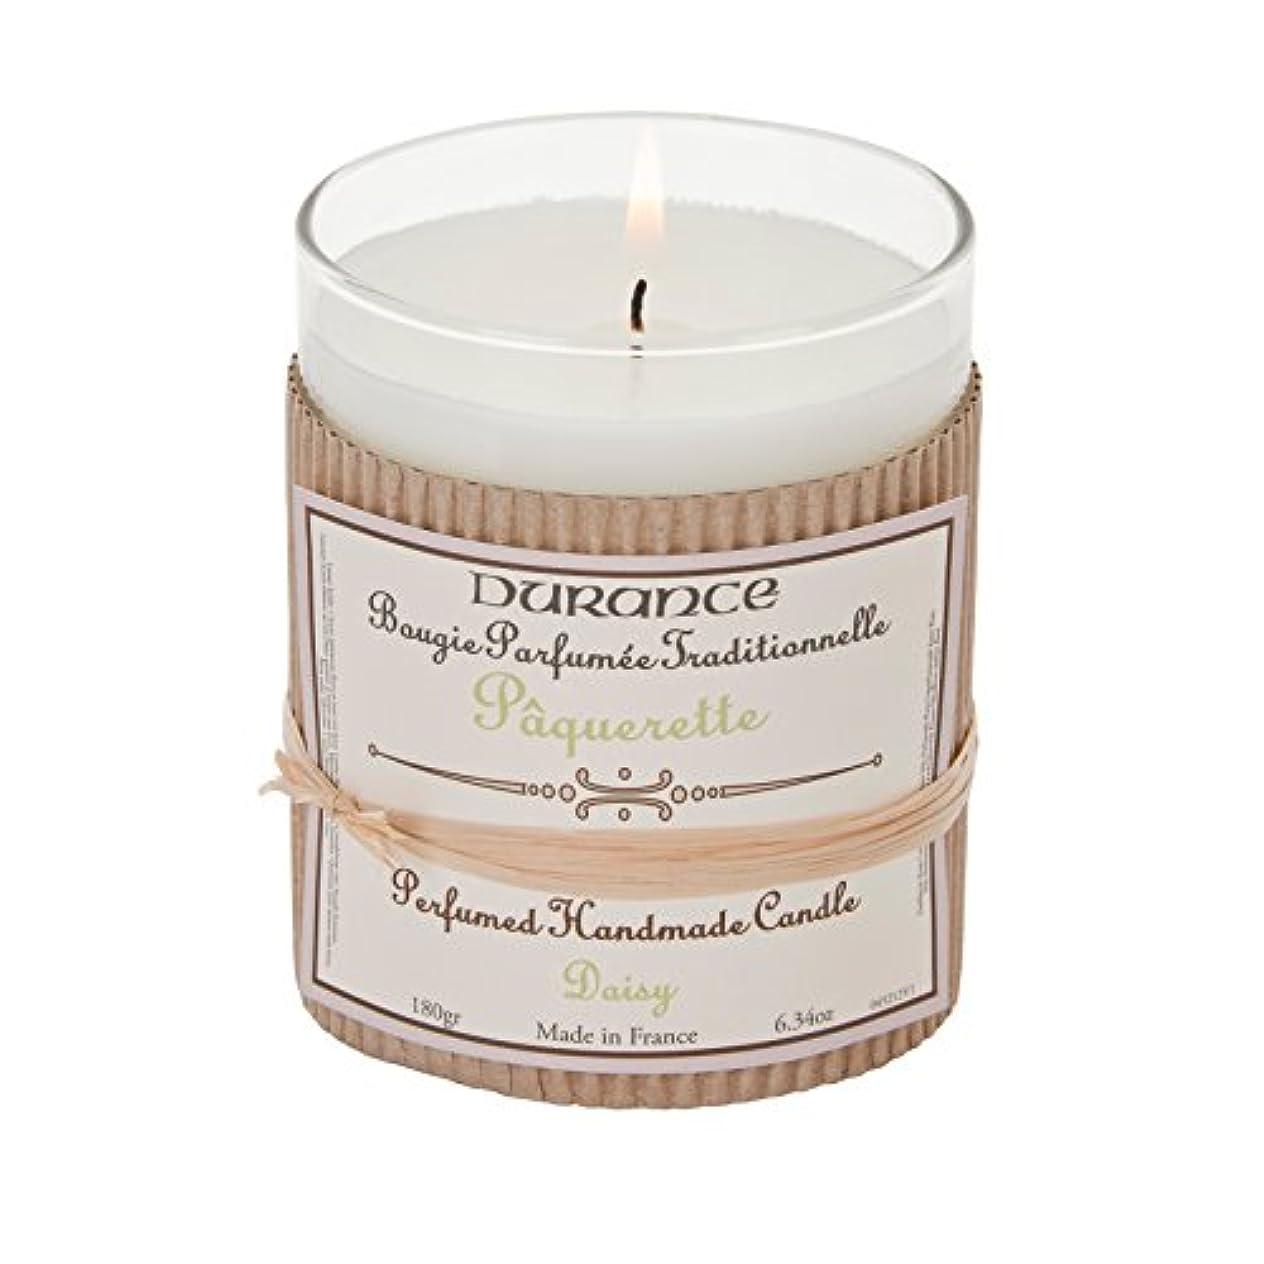 肥料リスナーキモいDurance De Provence Hand Crafted Scented Candle - Daisy